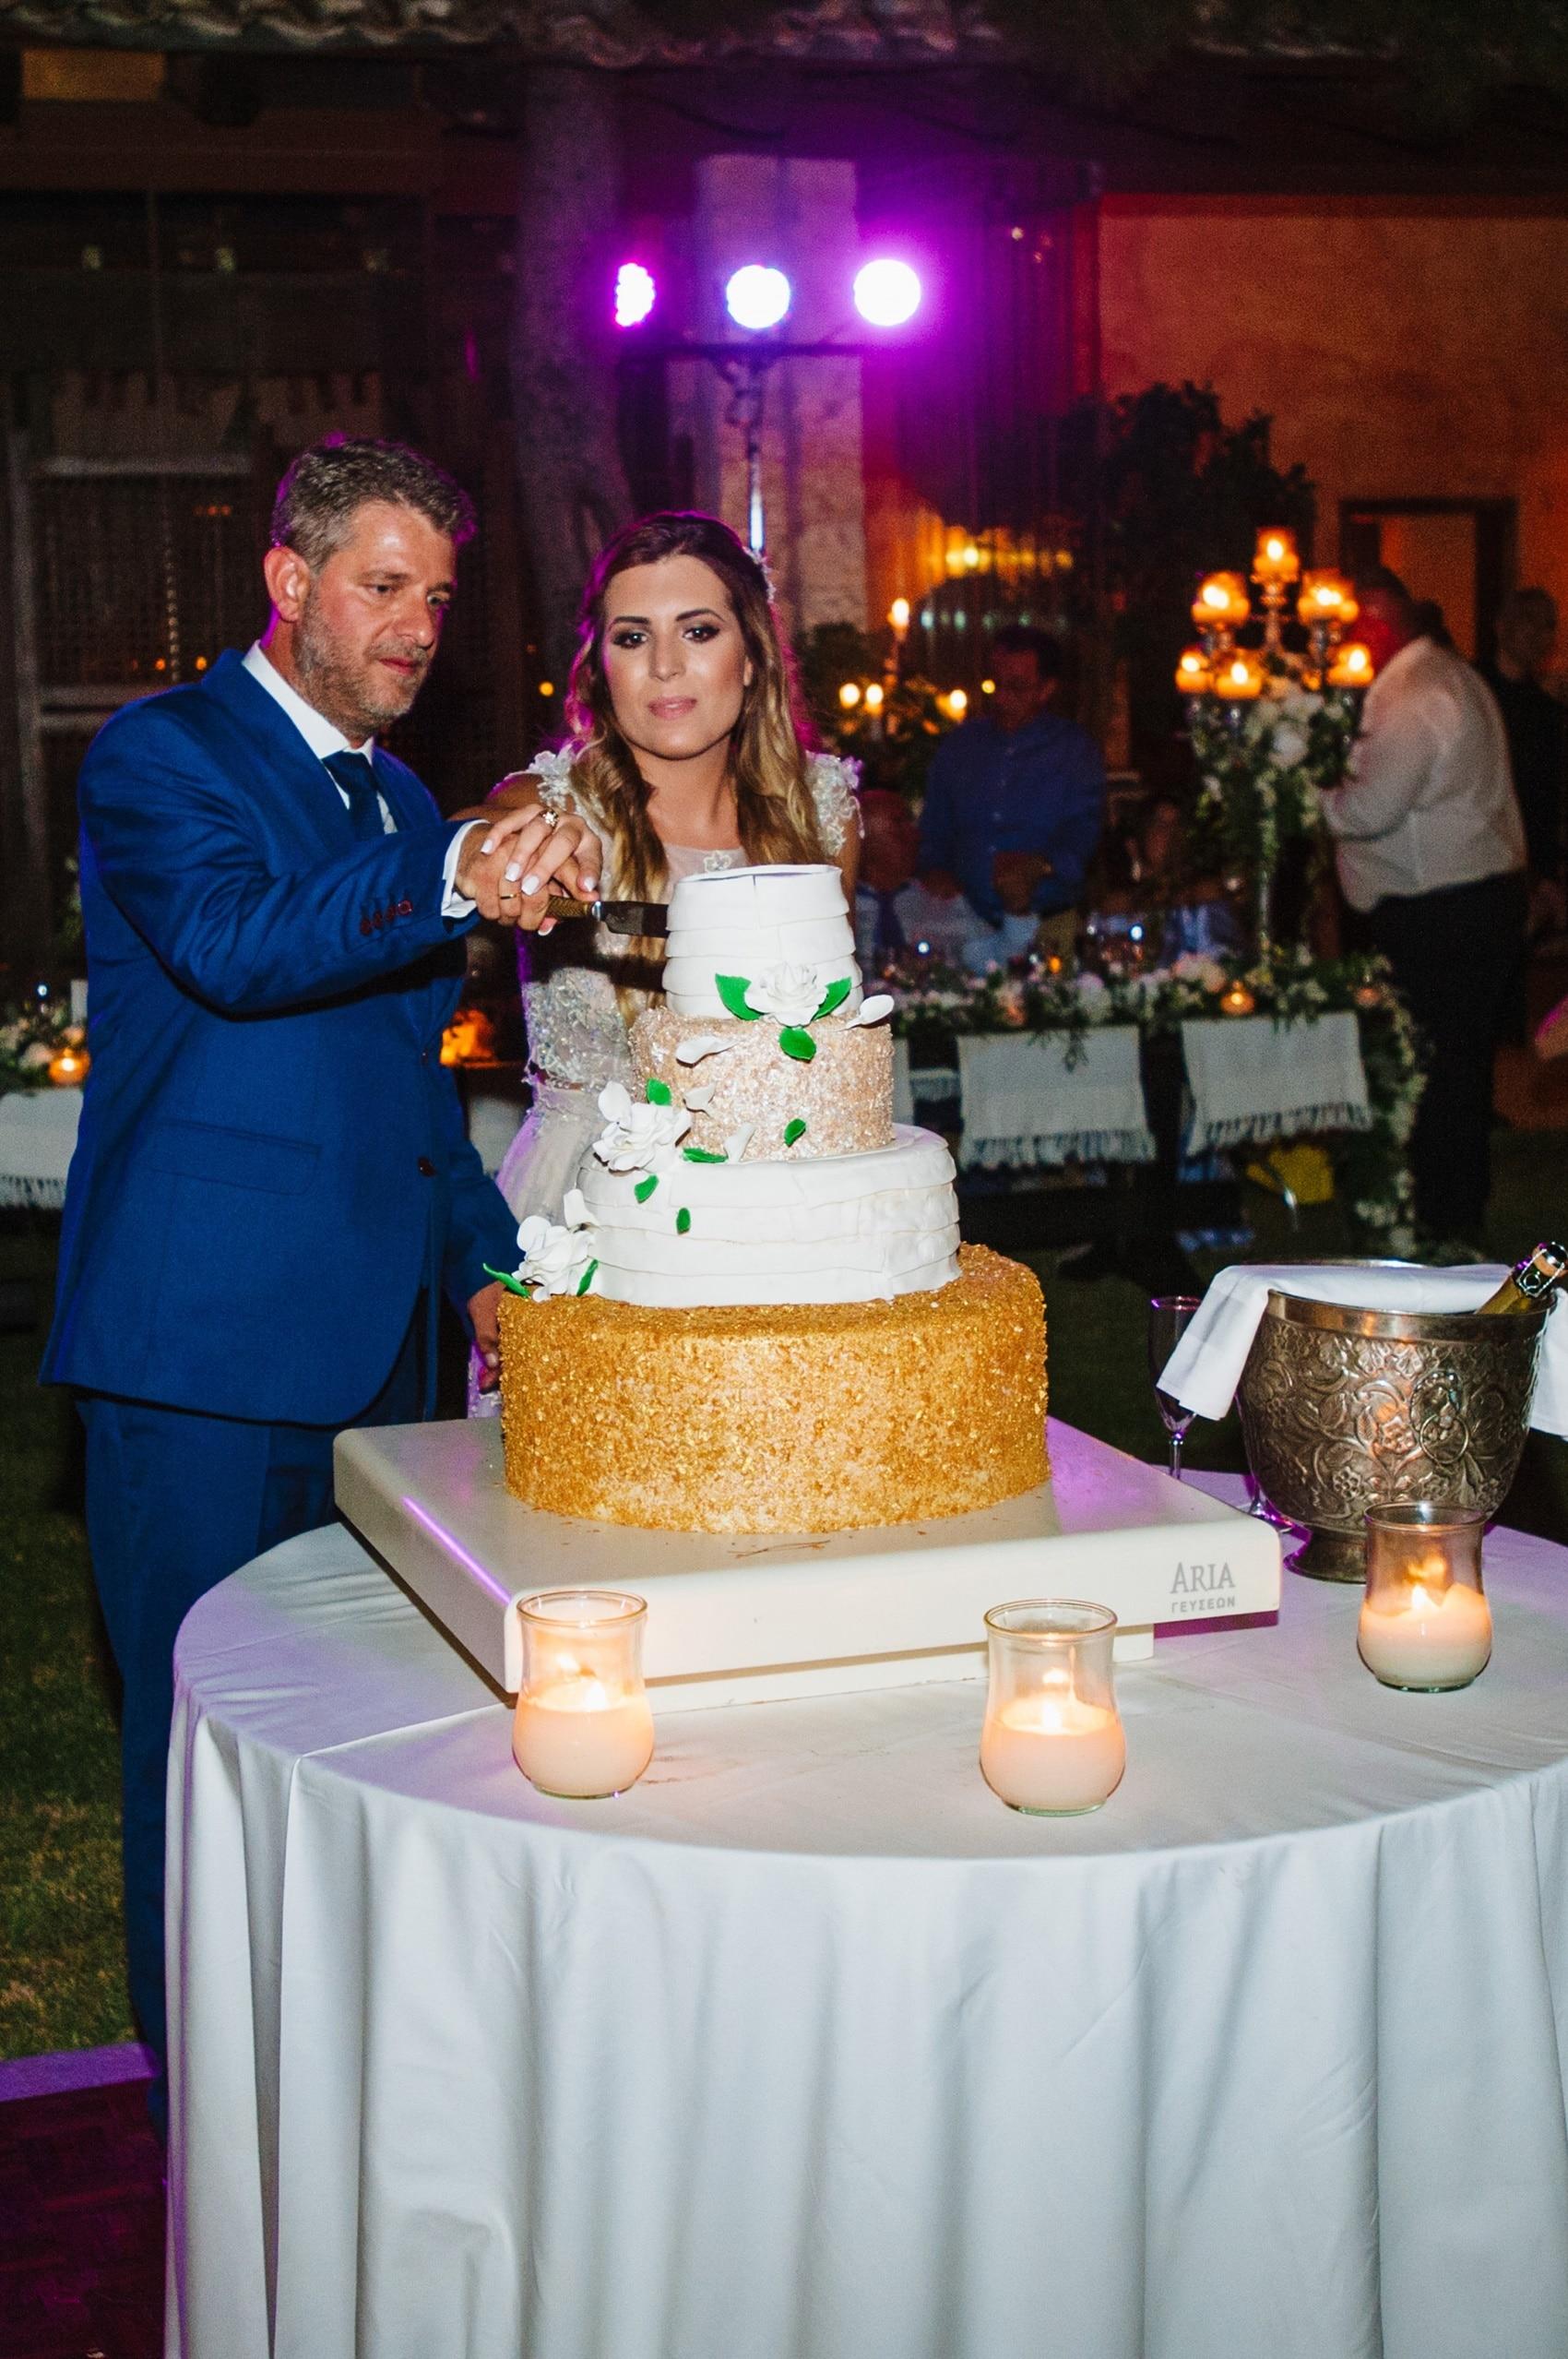 γάμος με μεταλλικό θέμα